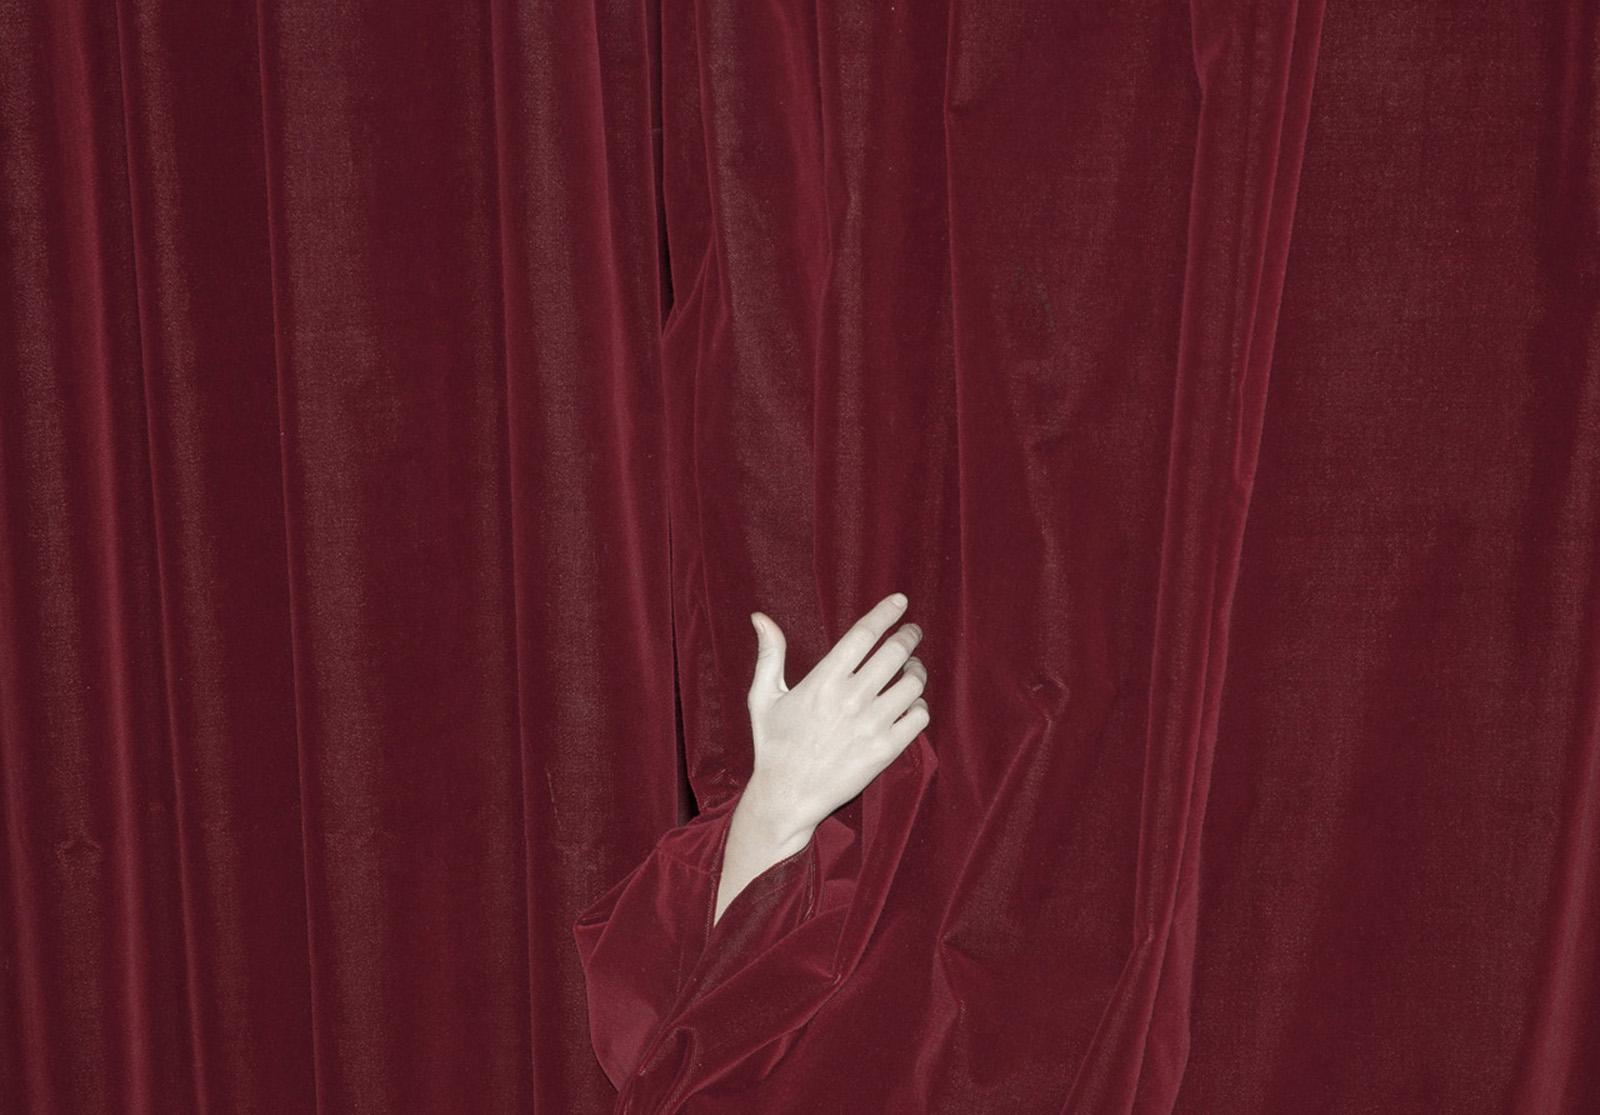 © Cristina Coral